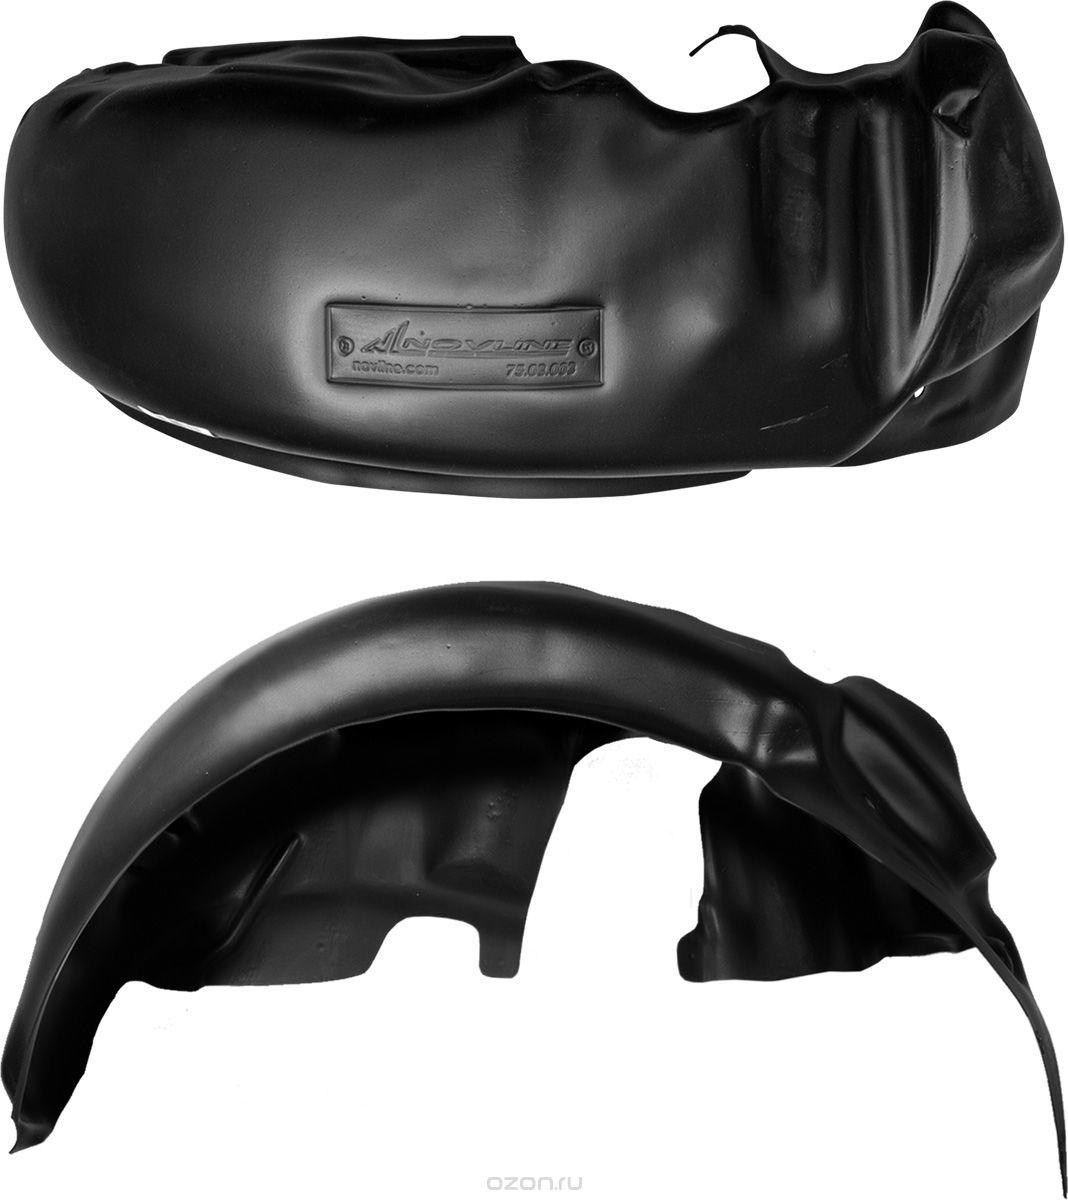 Подкрылок Novline-Autofamily, для FORD Transit, передний привод, 2014->, задний правыйVCA-00Идеальная защита колесной ниши. Локеры разработаны с применением цифровых технологий, гарантируют максимальную повторяемость поверхности арки. Изделия устанавливаются без нарушения лакокрасочного покрытия автомобиля, каждый подкрылок комплектуется крепежом. Уважаемые клиенты, обращаем ваше внимание, что фотографии на подкрылки универсальные и не отражают реальную форму изделия. При этом само изделие идет точно под размер указанного автомобиля.